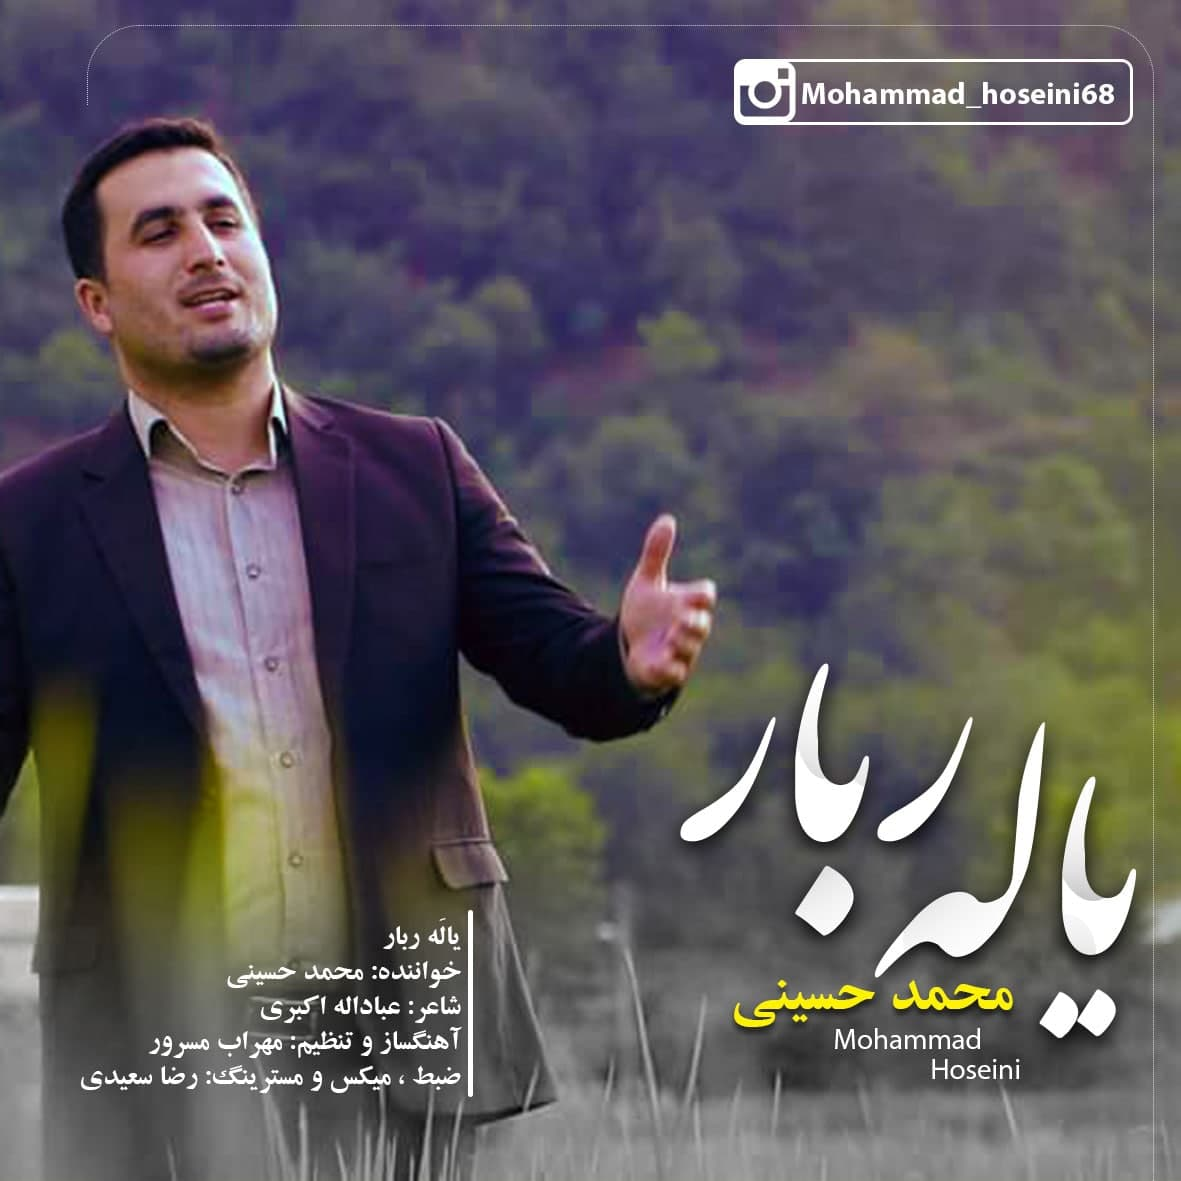 یاله ربار - محمد حسینی